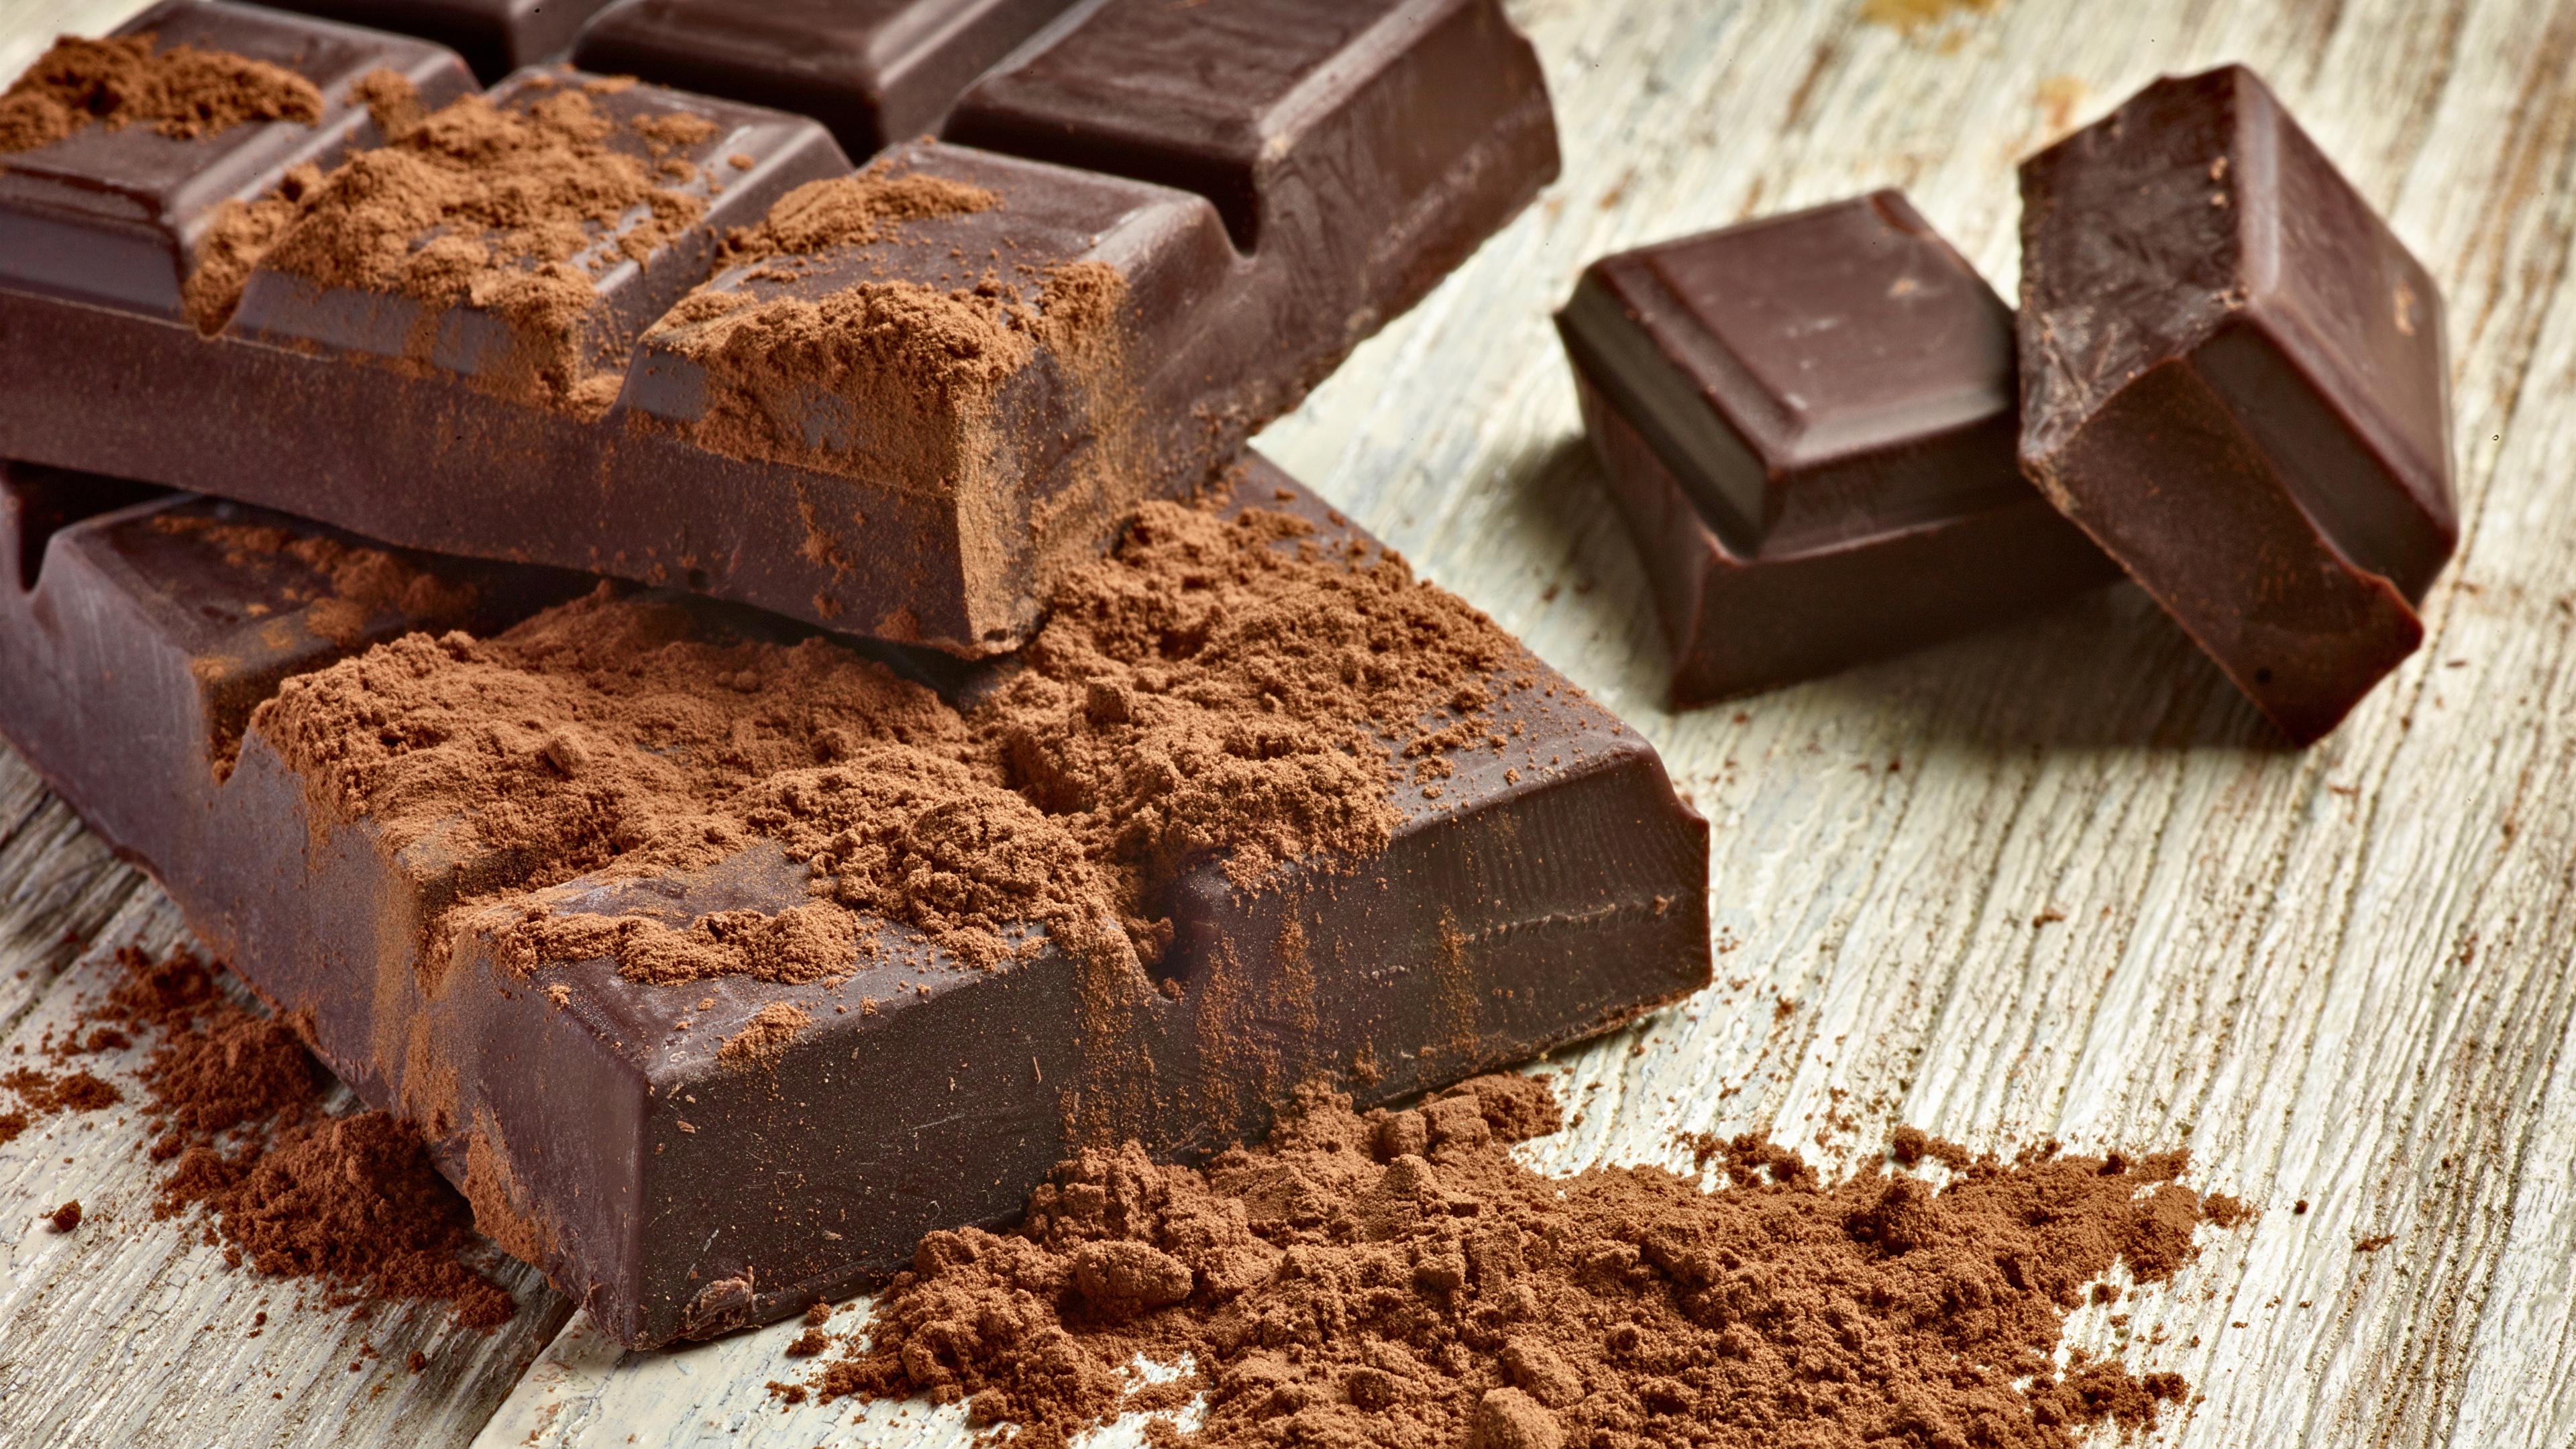 Картинки Пища Шоколад Доски Какао порошок сладкая еда шоколадка 3840x2160 Еда Продукты питания Сладости Шоколадная плитка